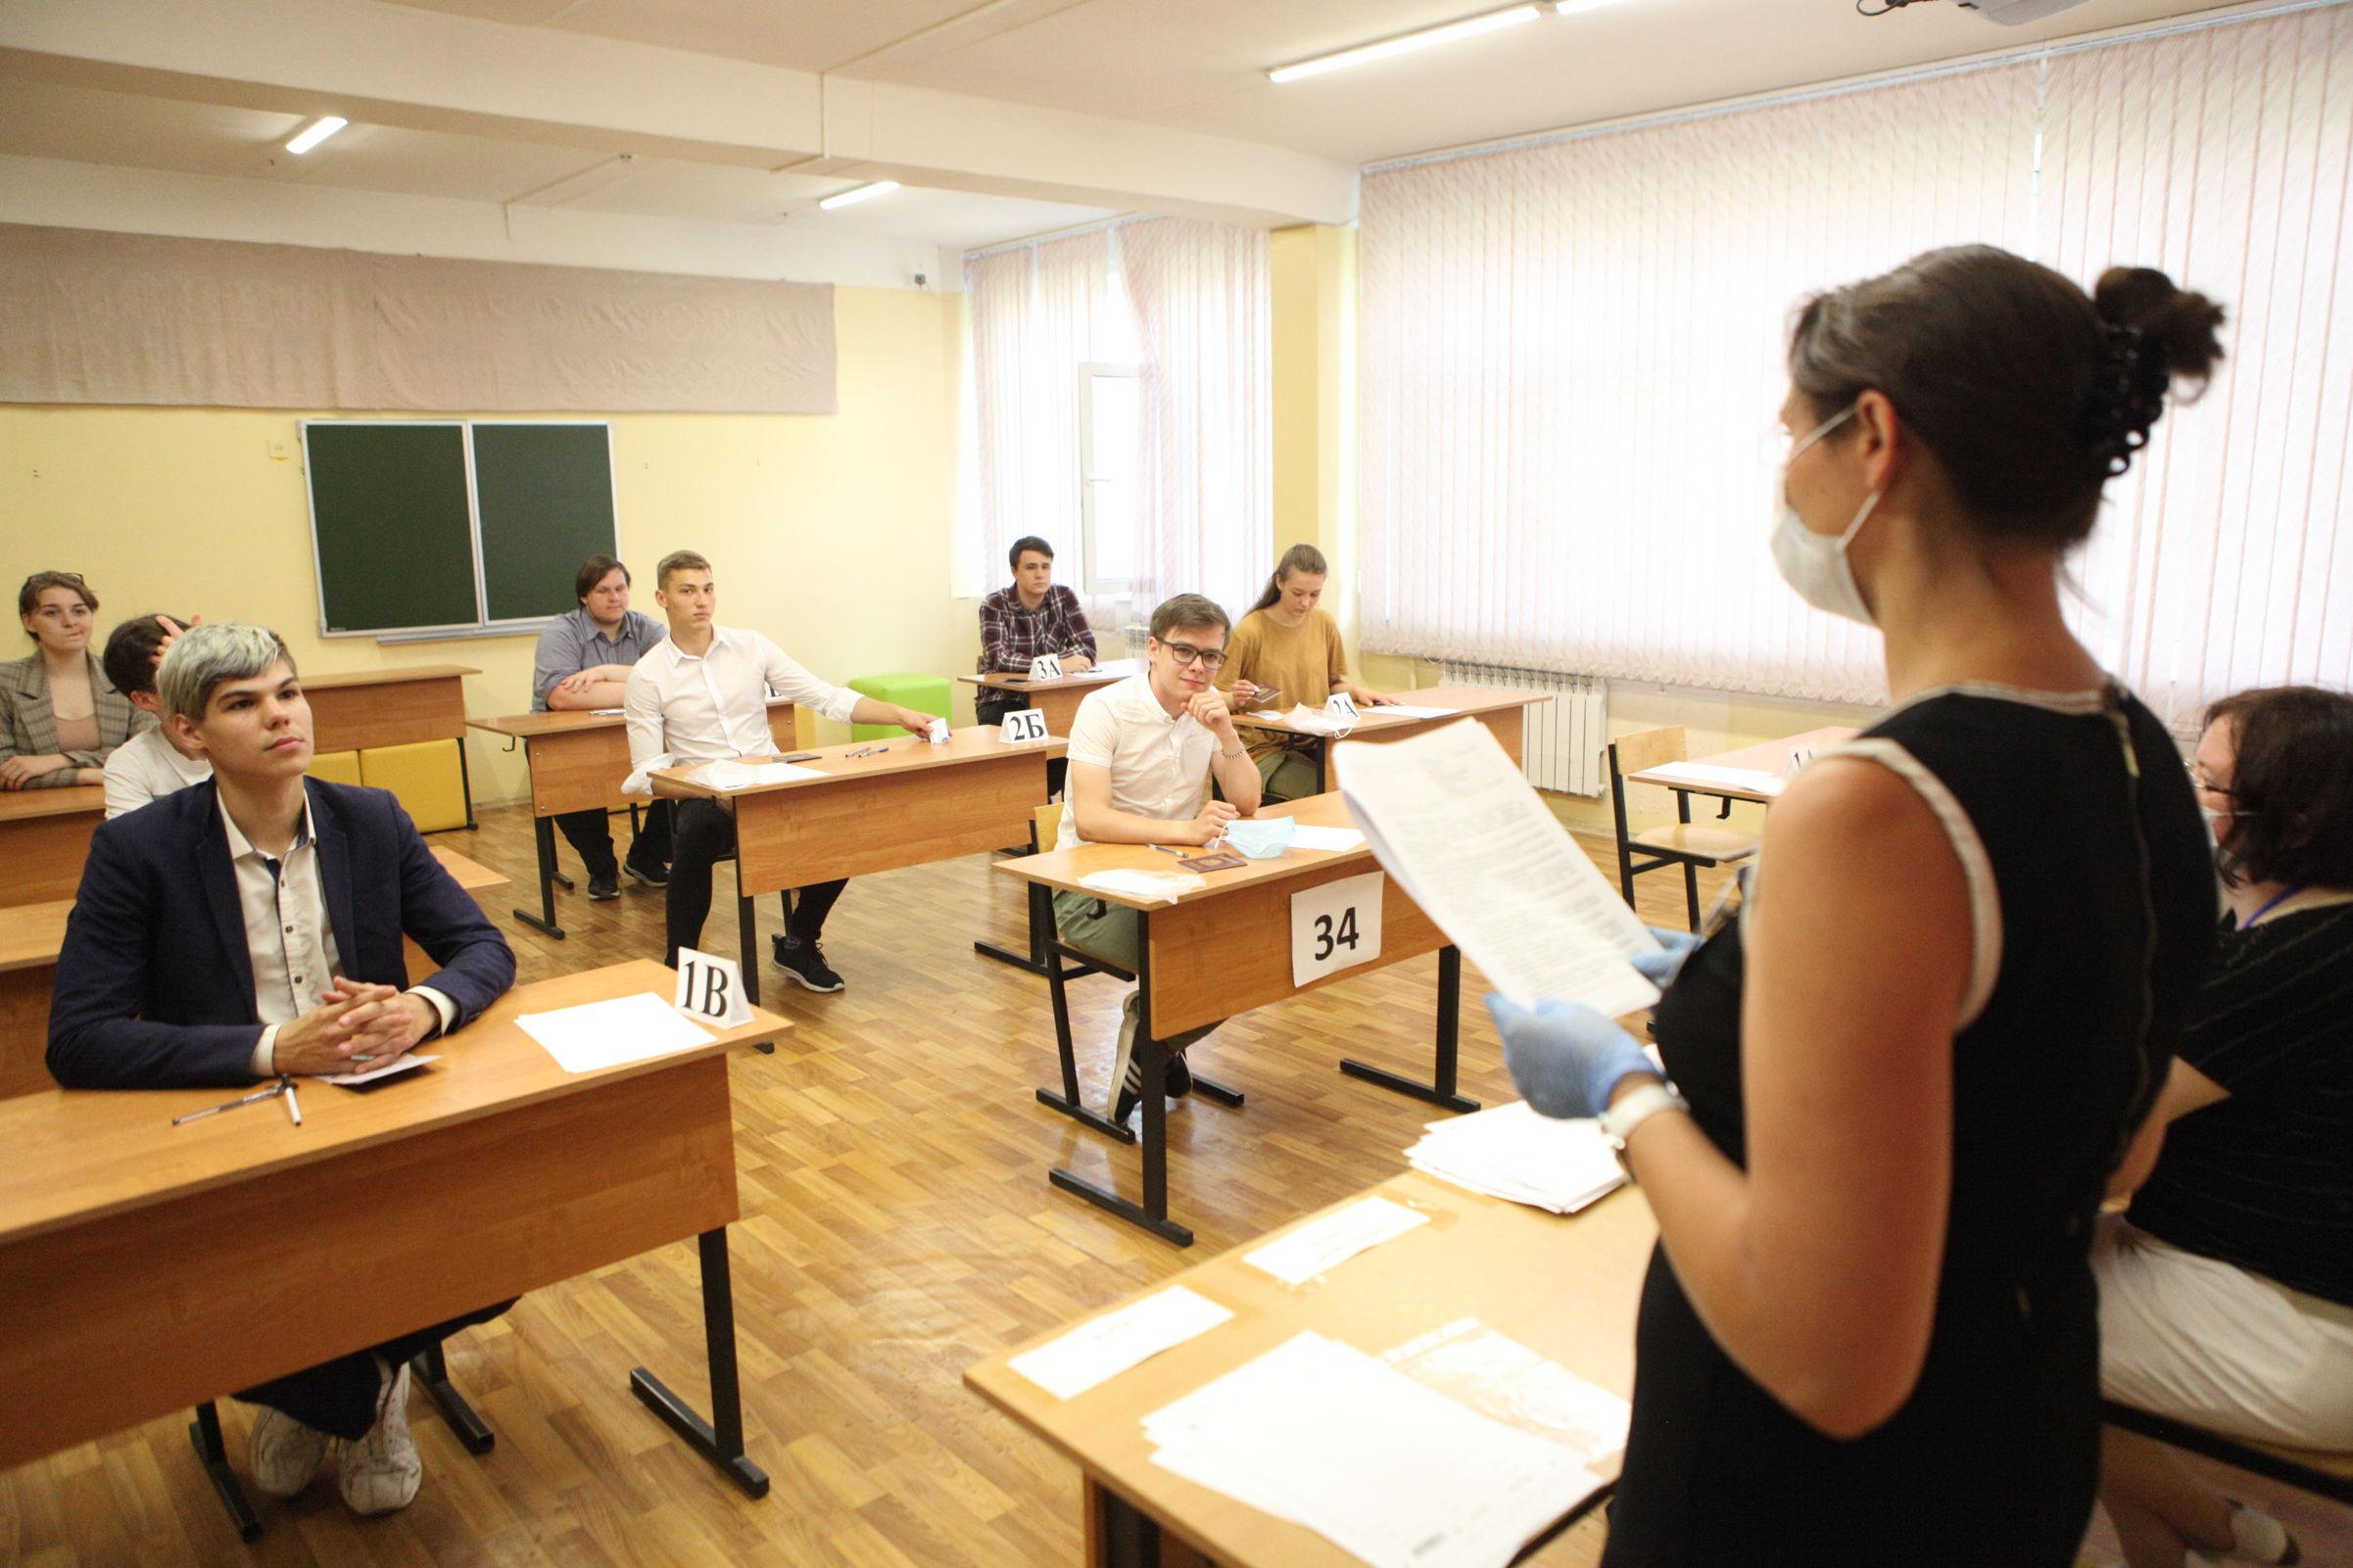 Ярославские школьники написали ЕГЭ по биологии и иностранным языкам